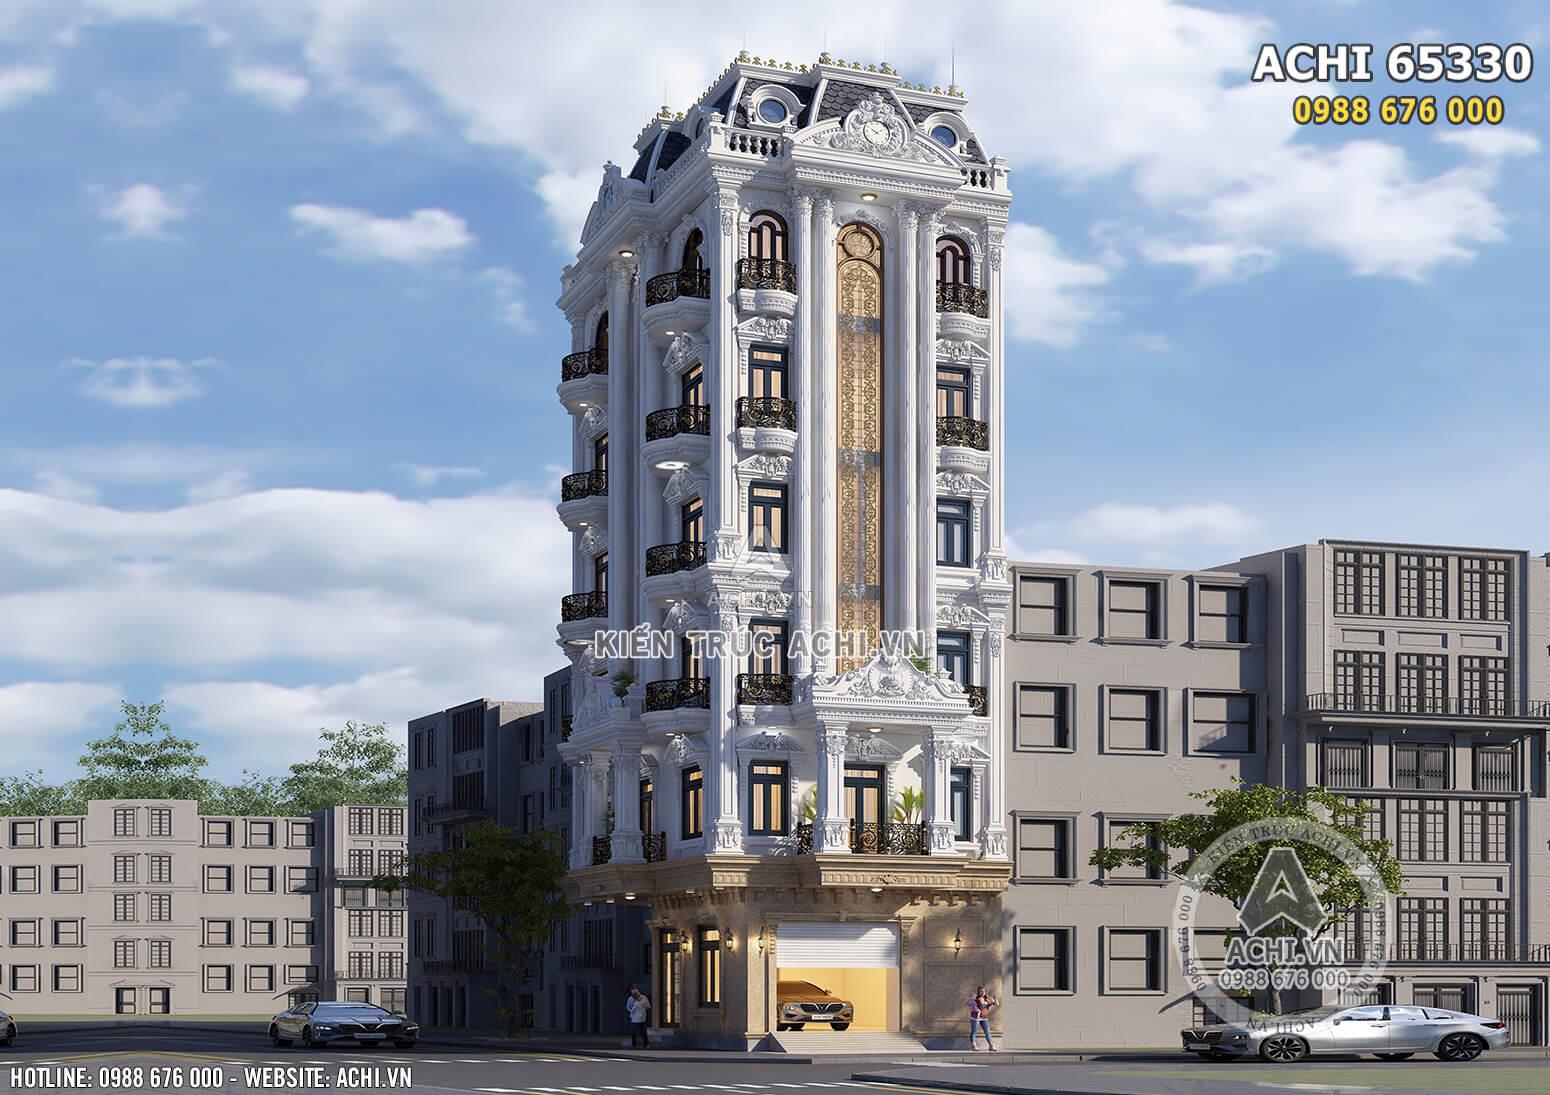 Hình ảnh: Thiết kế khách sạn tân cổ điển 7 tầng 4 sao đẹp tại Hưng Yên - ACHI 65330